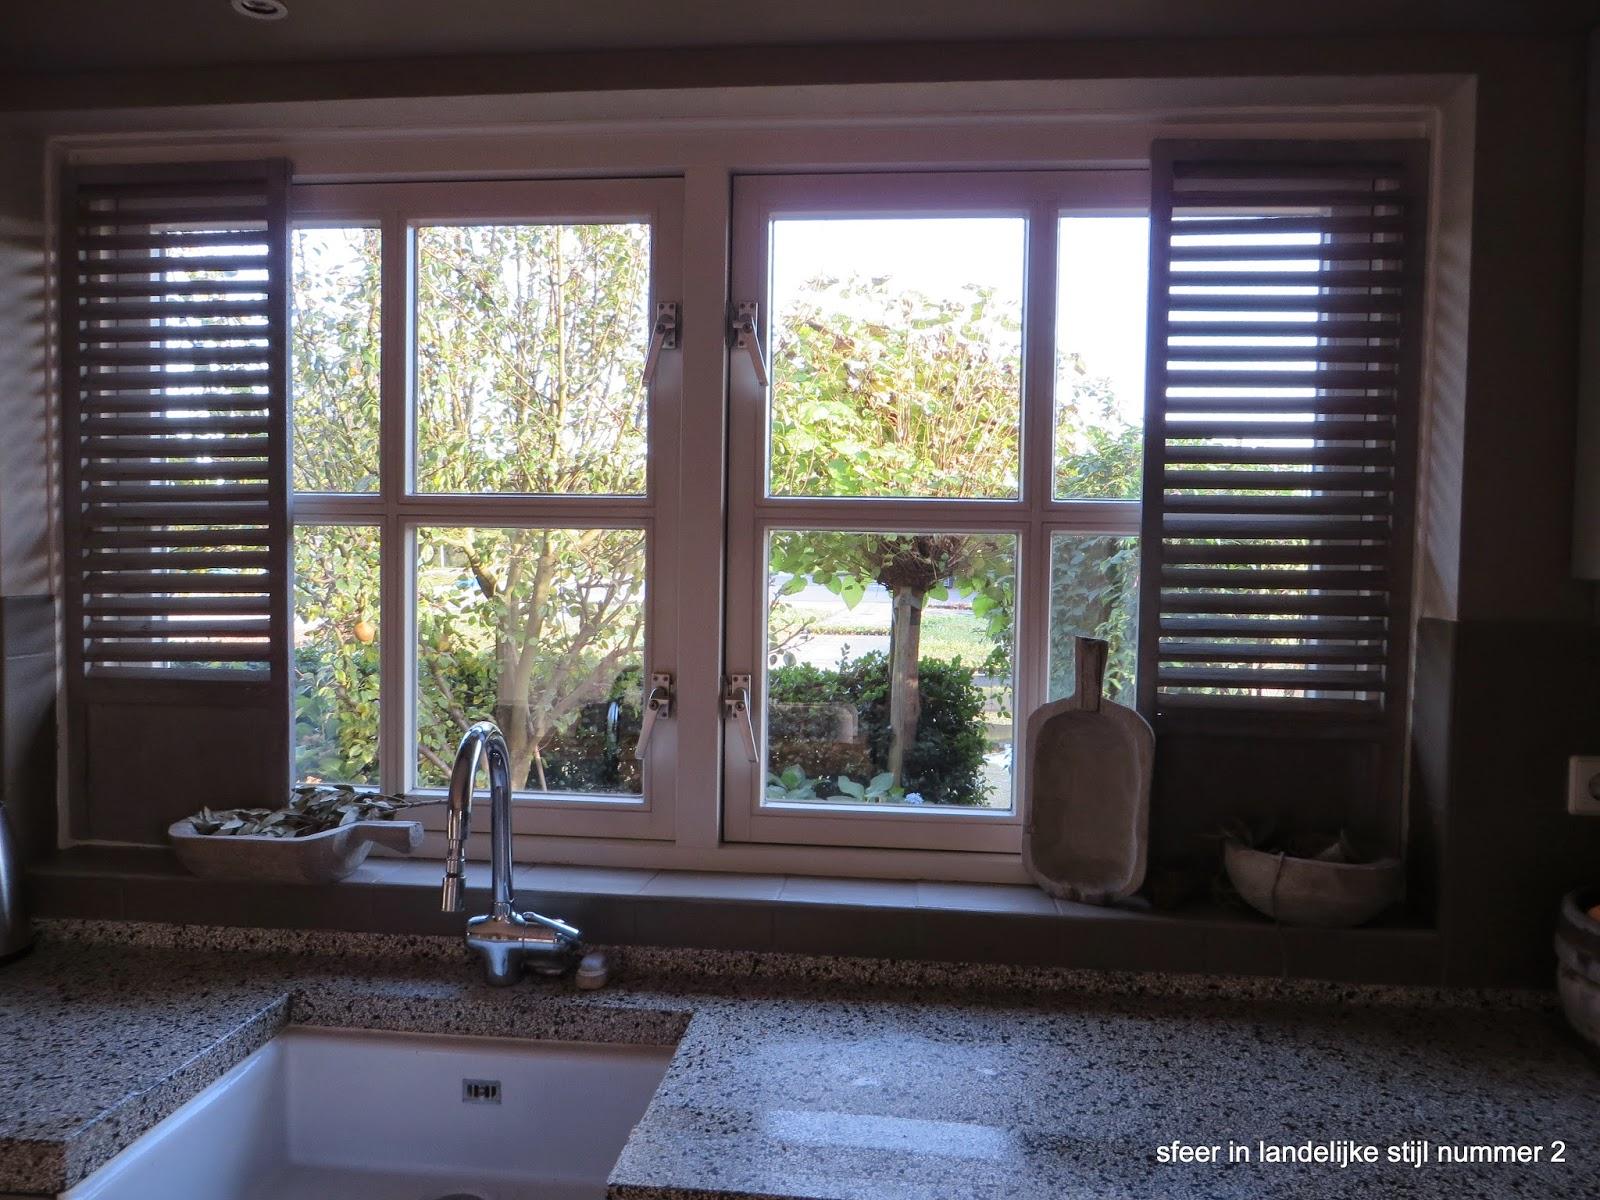 Keukenraam decoratie raamfolie hollandse huisjes motief plakenco raamfolie aanbrengen - Meubels keukenraam ...